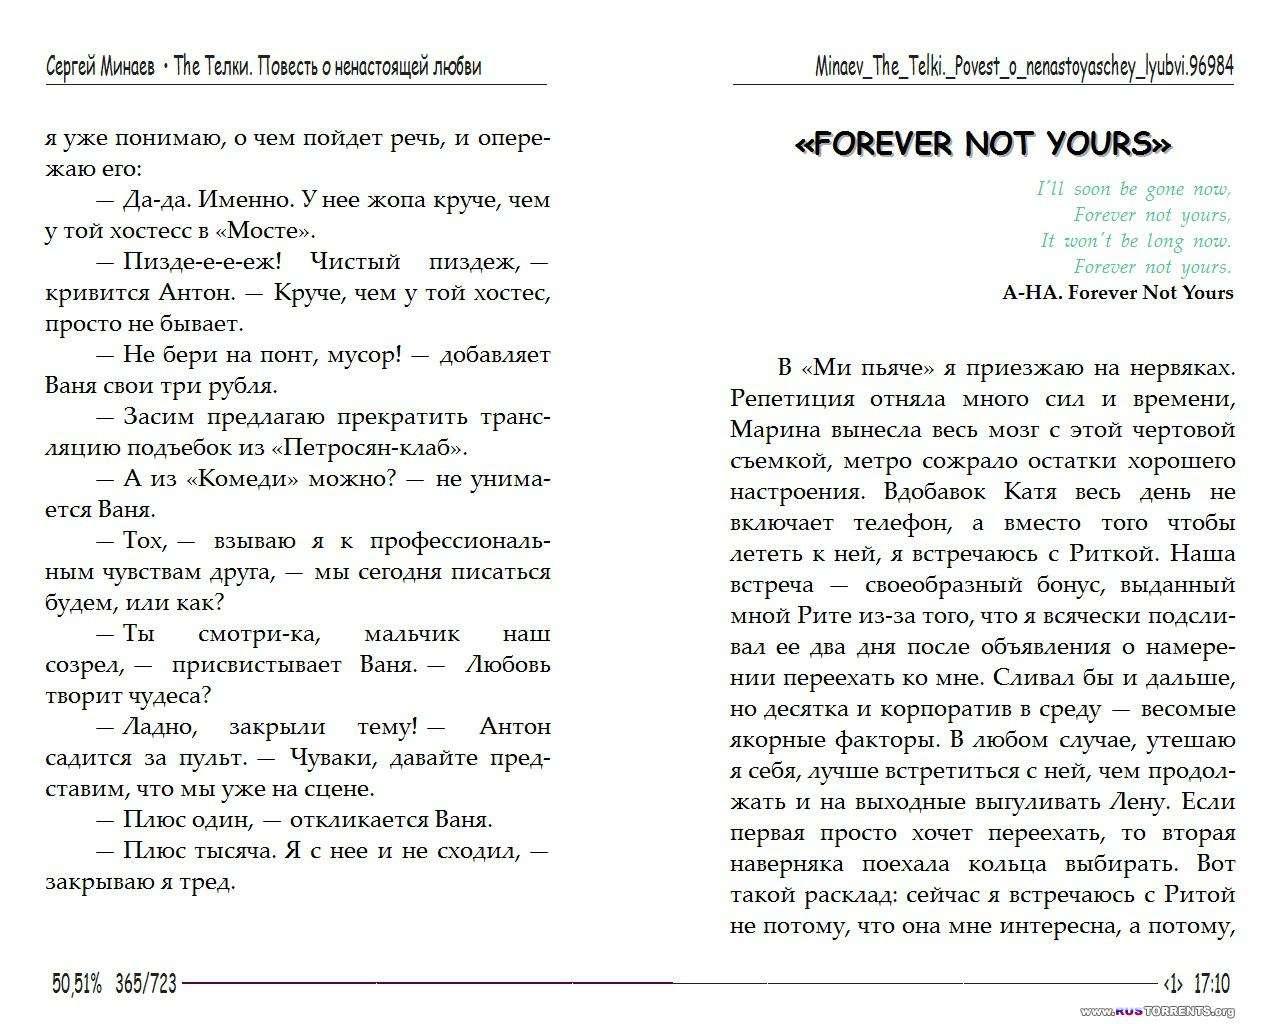 Сергей Минаев - Собрание произведений